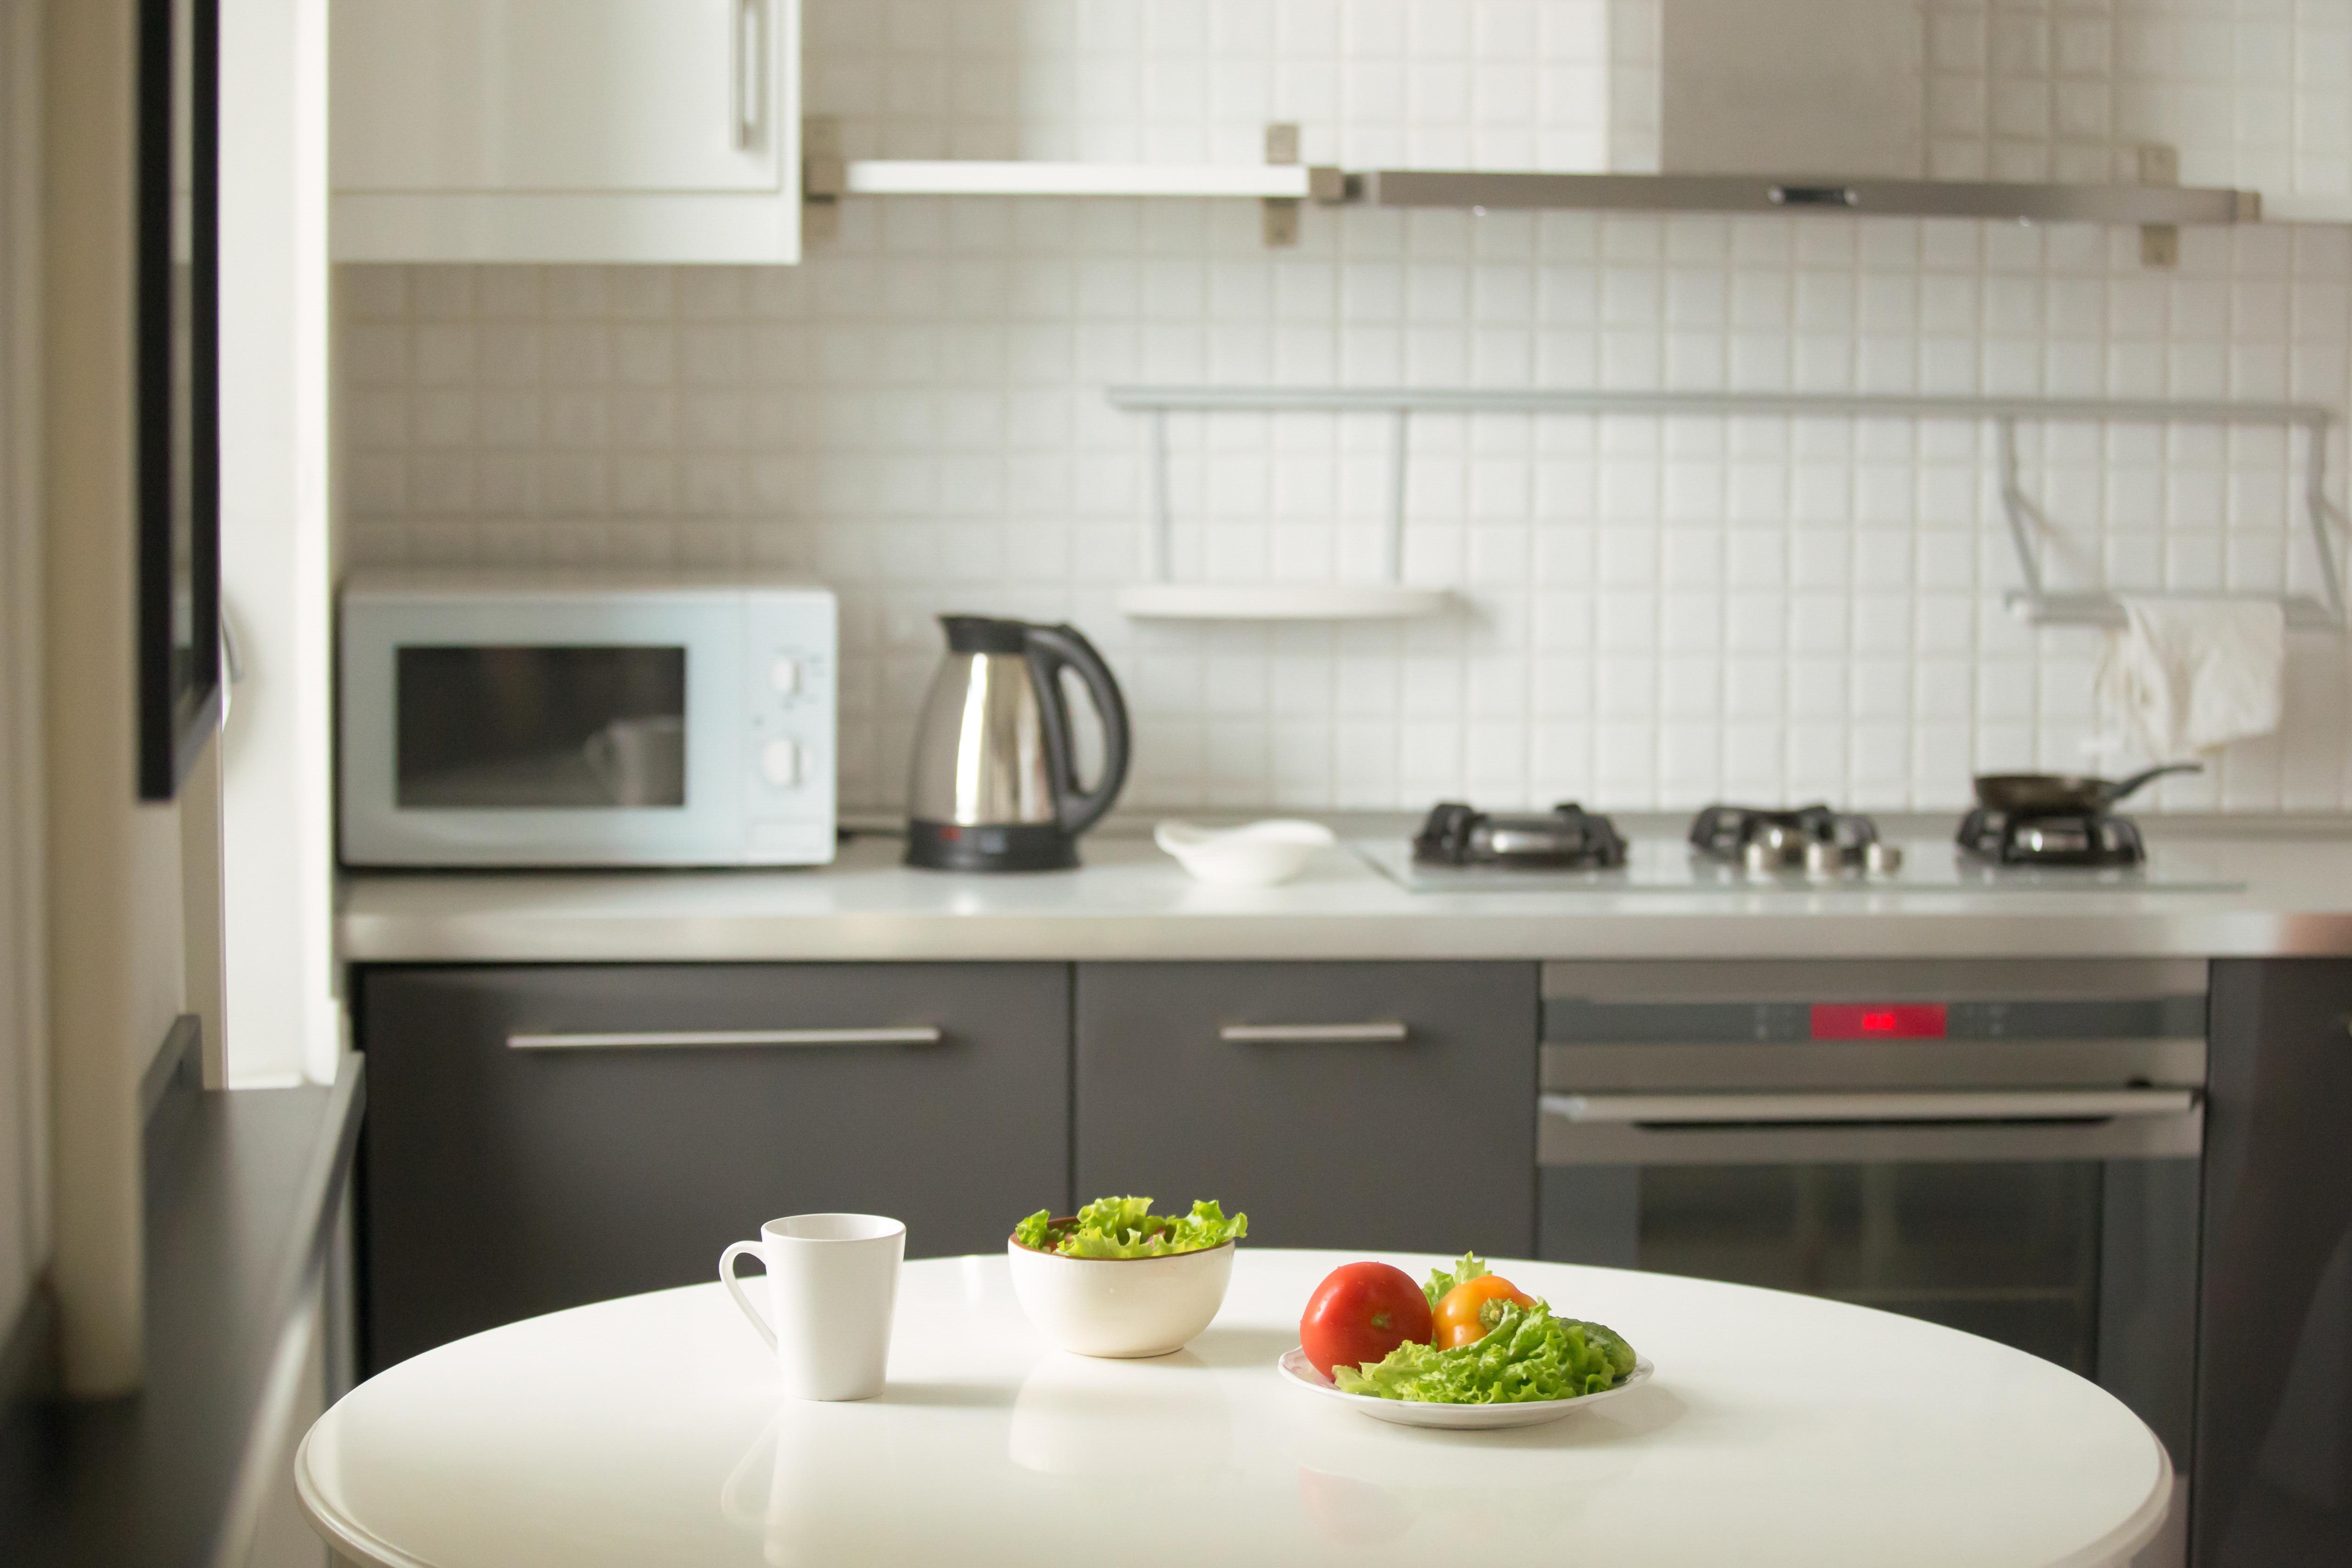 Iluminar la cocina o cocina-comedor | Click Electricidad l ...